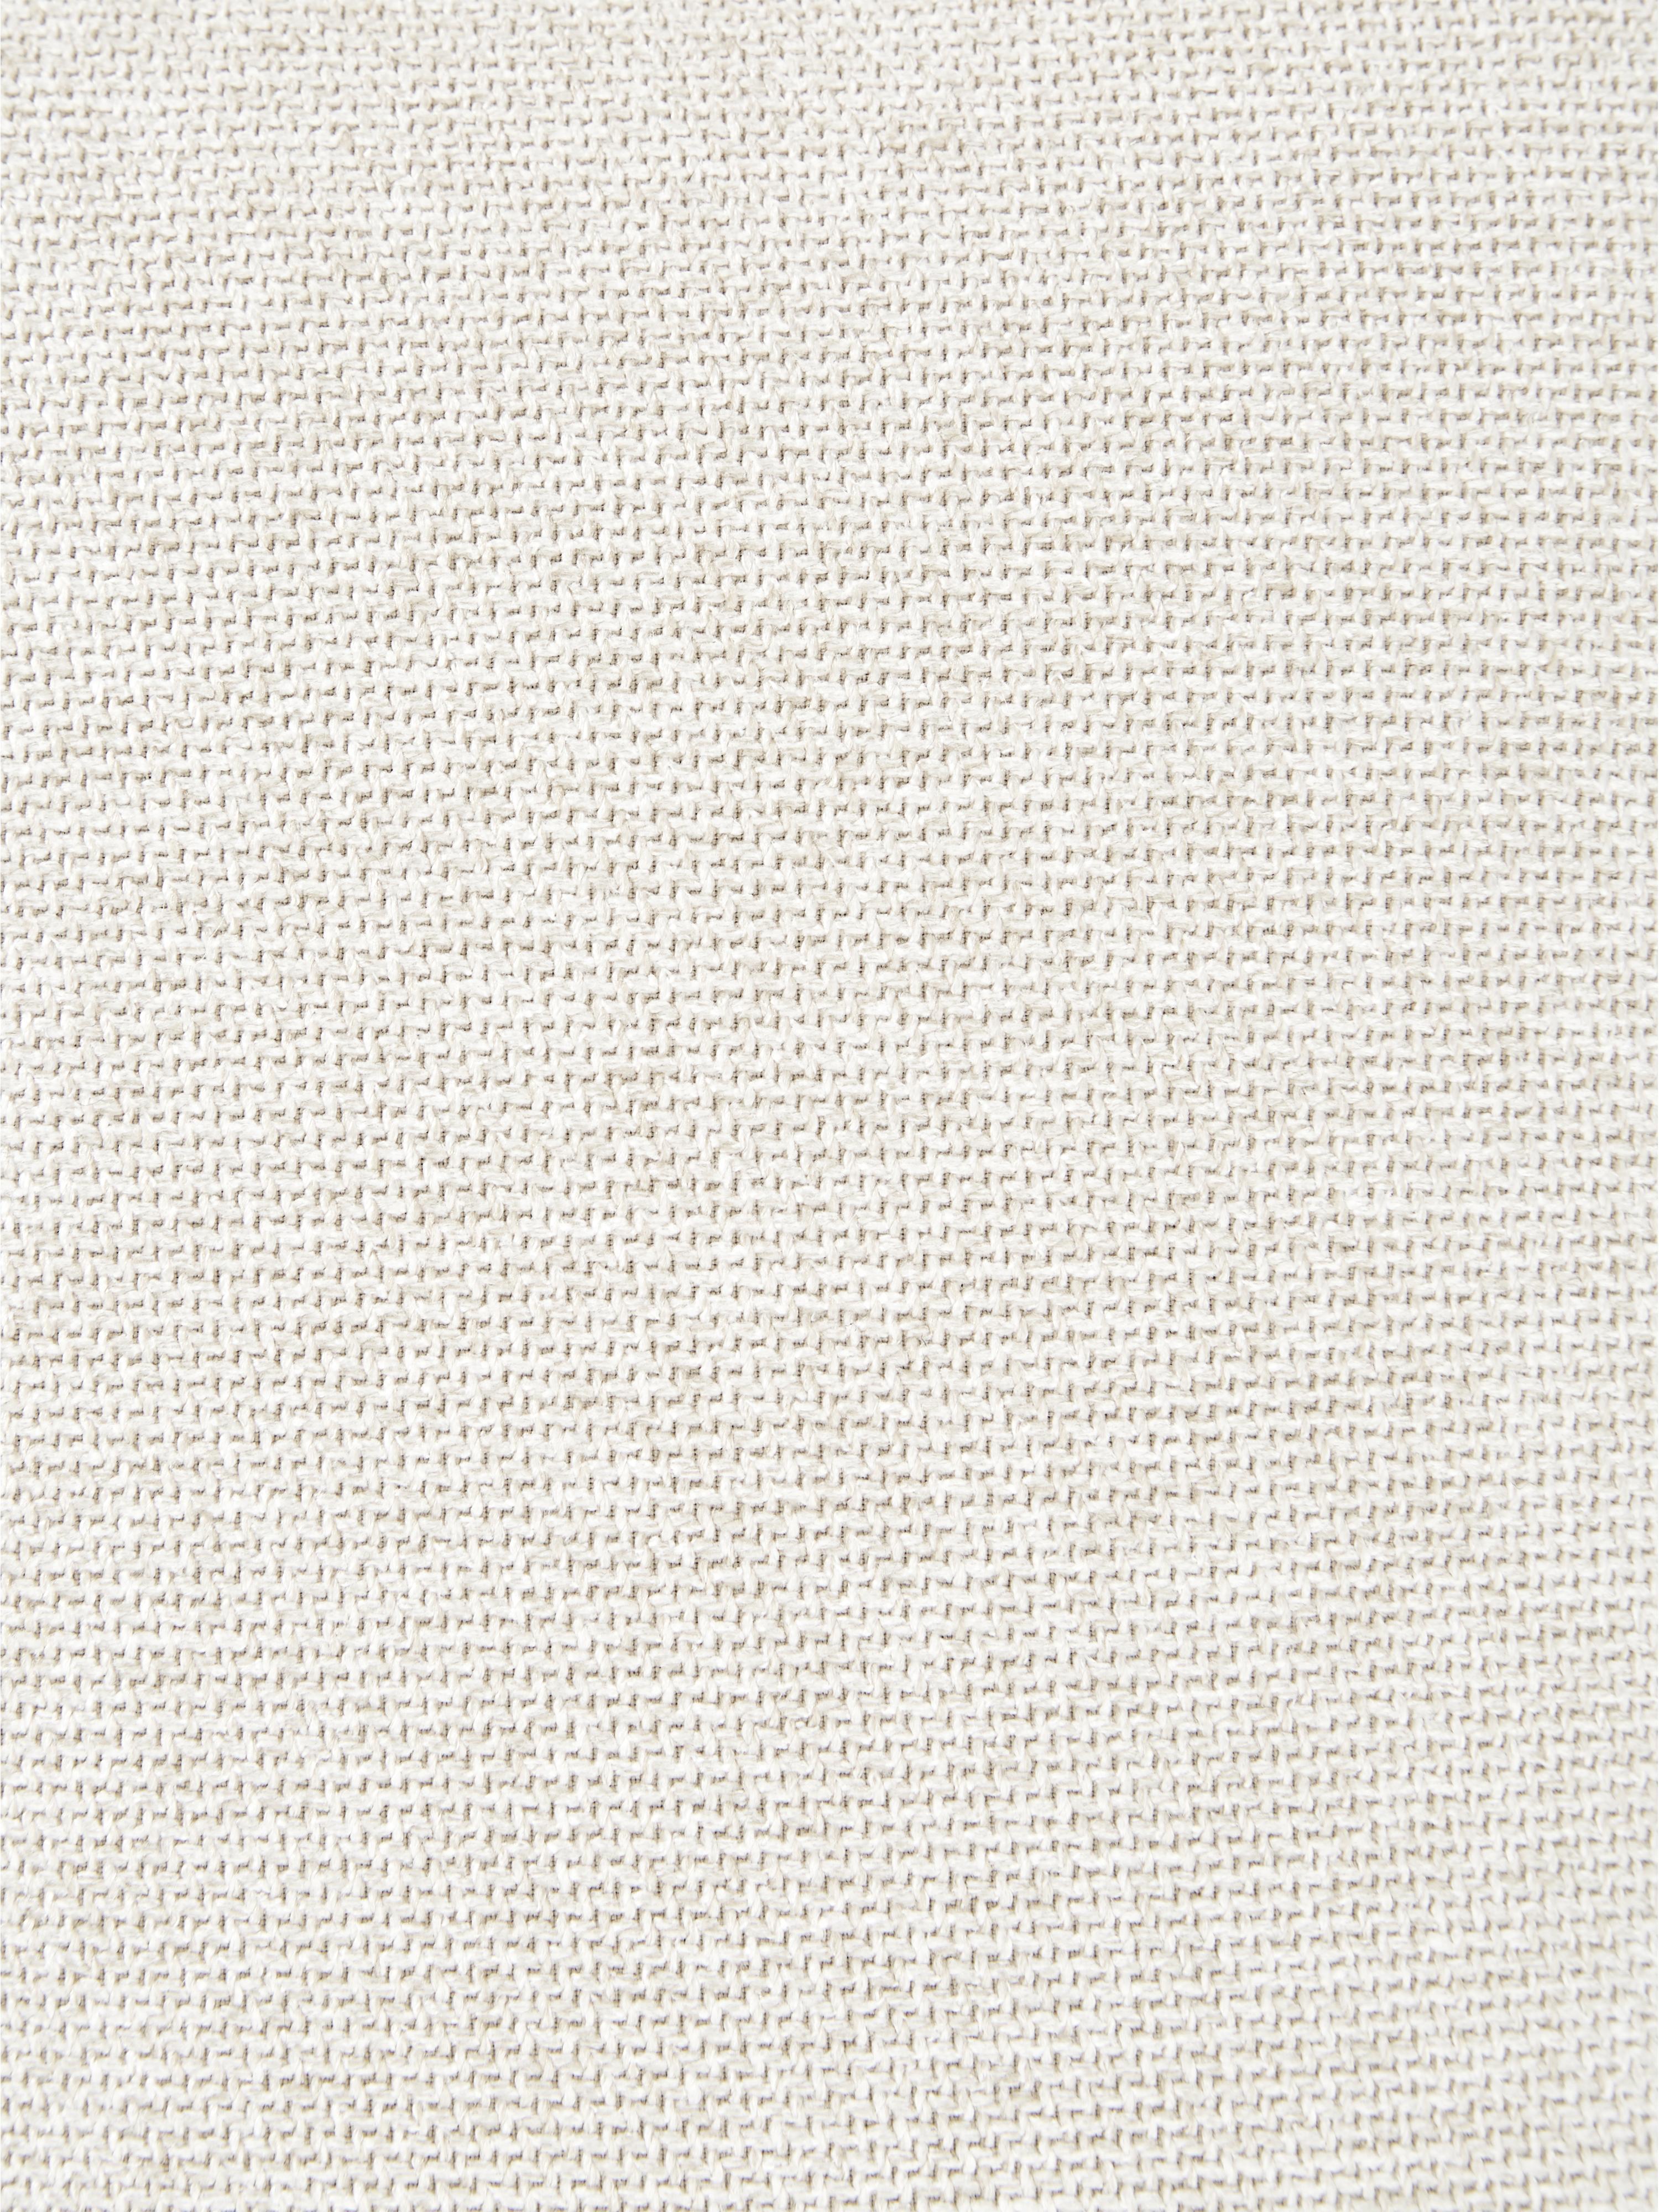 Divano angolare componibile in tessuto beige Lennon, Rivestimento: poliestere 35.000 cicli d, Struttura: legno di pino massiccio, , Piedini: materiale sintetico, Beige, Larg. 326 x Prof. 207 cm